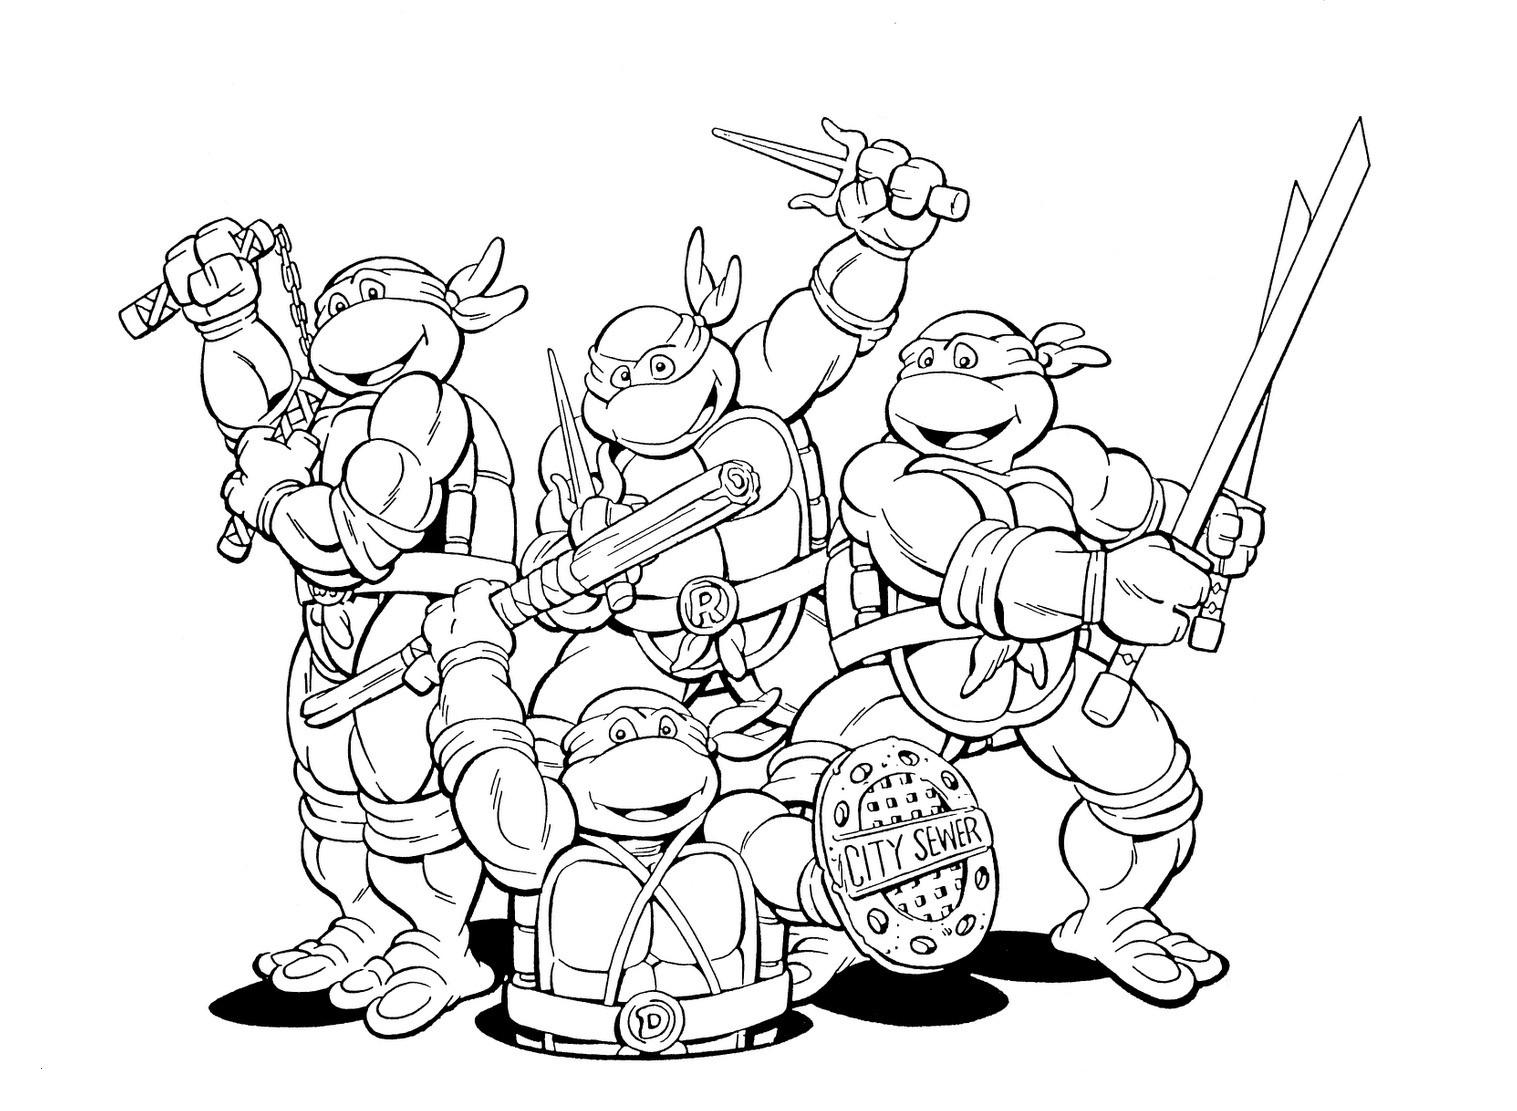 Ausmalbilder Ninja Turtles Inspirierend Nickelodeon Ninja Turtles Coloring Pages Genial Teenage Mutant Ninja Fotos